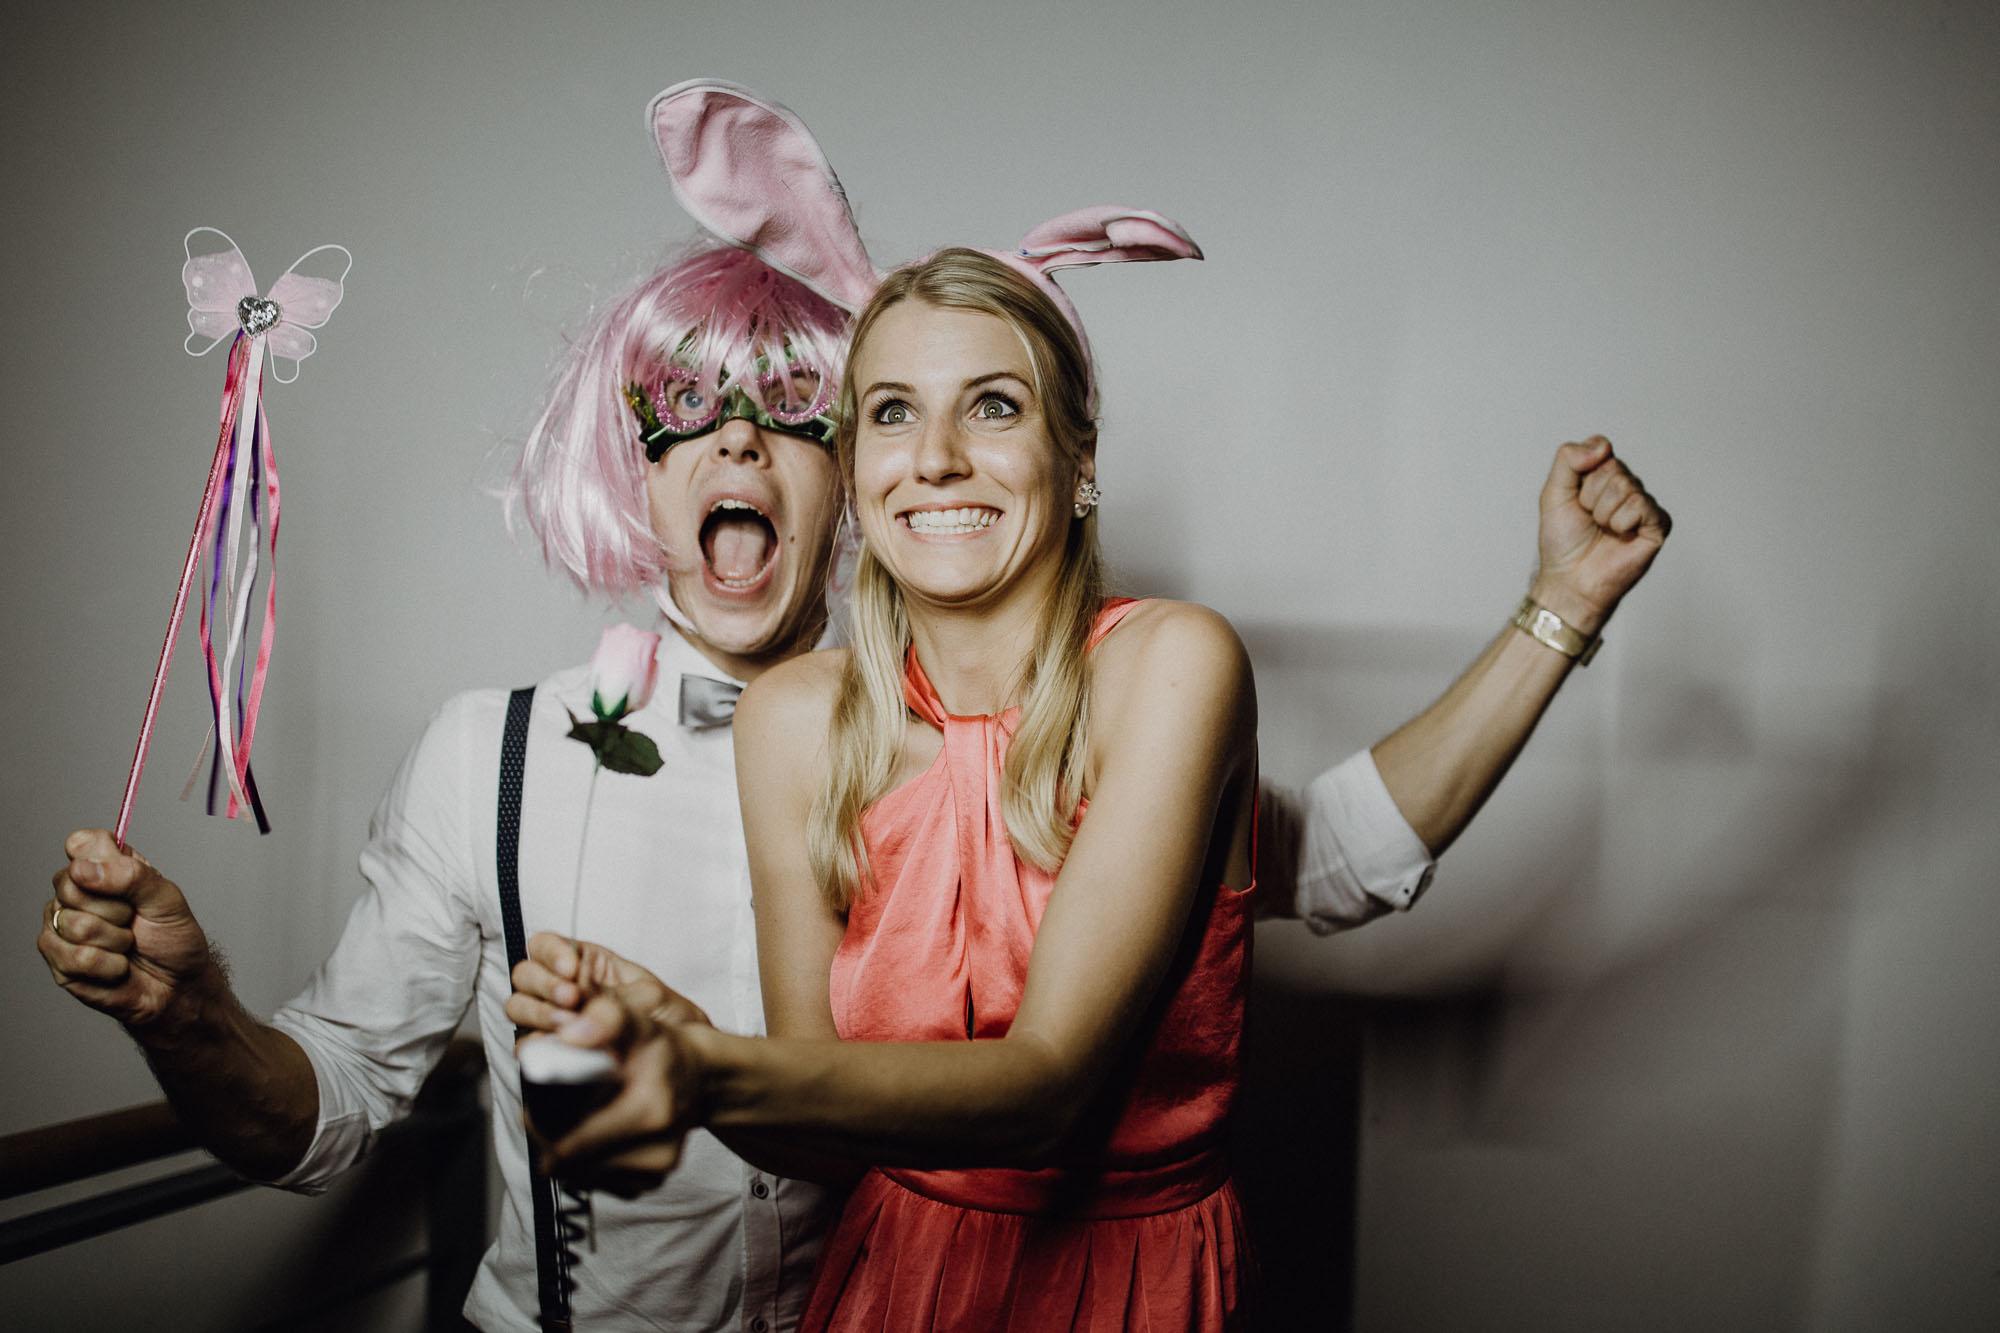 raissa simon photography destination wedding munich bayern schloss hohenkammer 065 - Andi + Joni